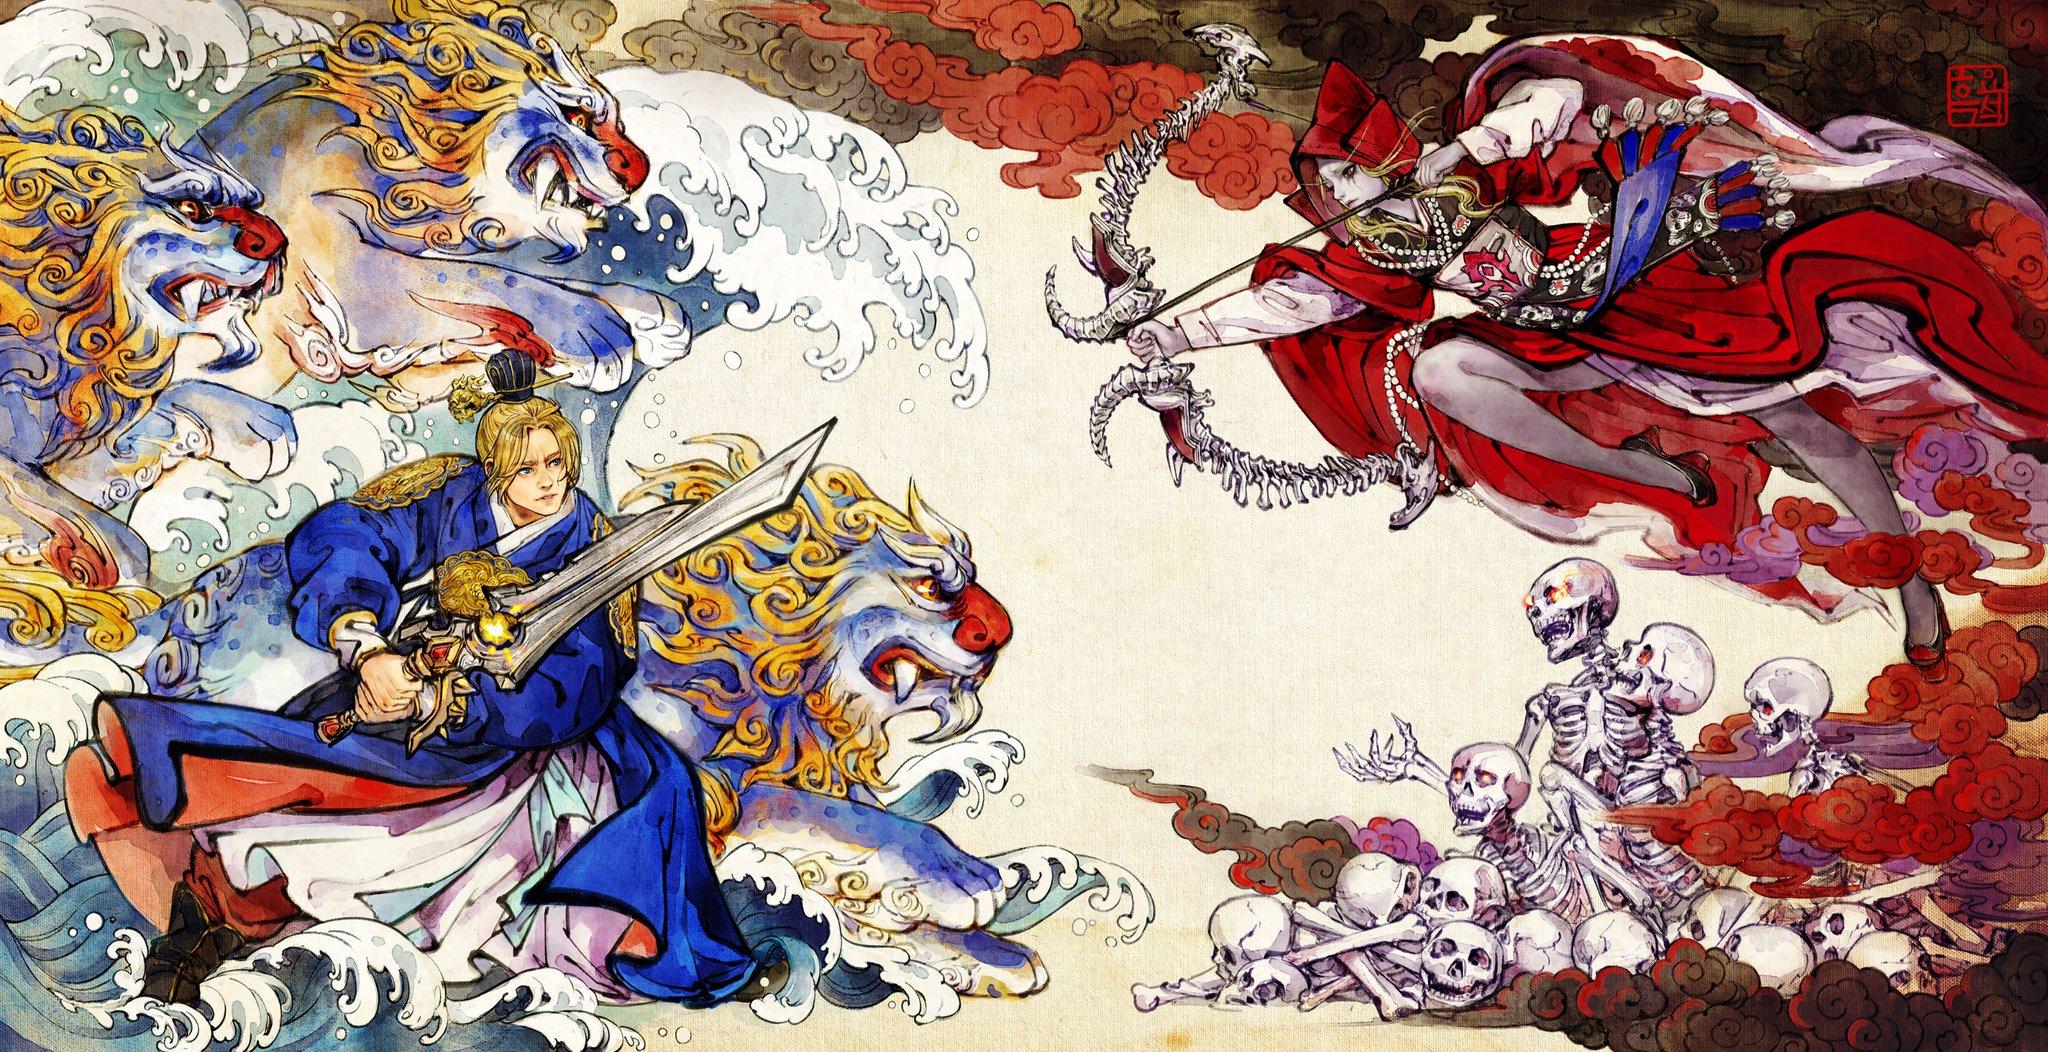 另类艾泽拉斯主题 安度因希女王上演仙魔大战